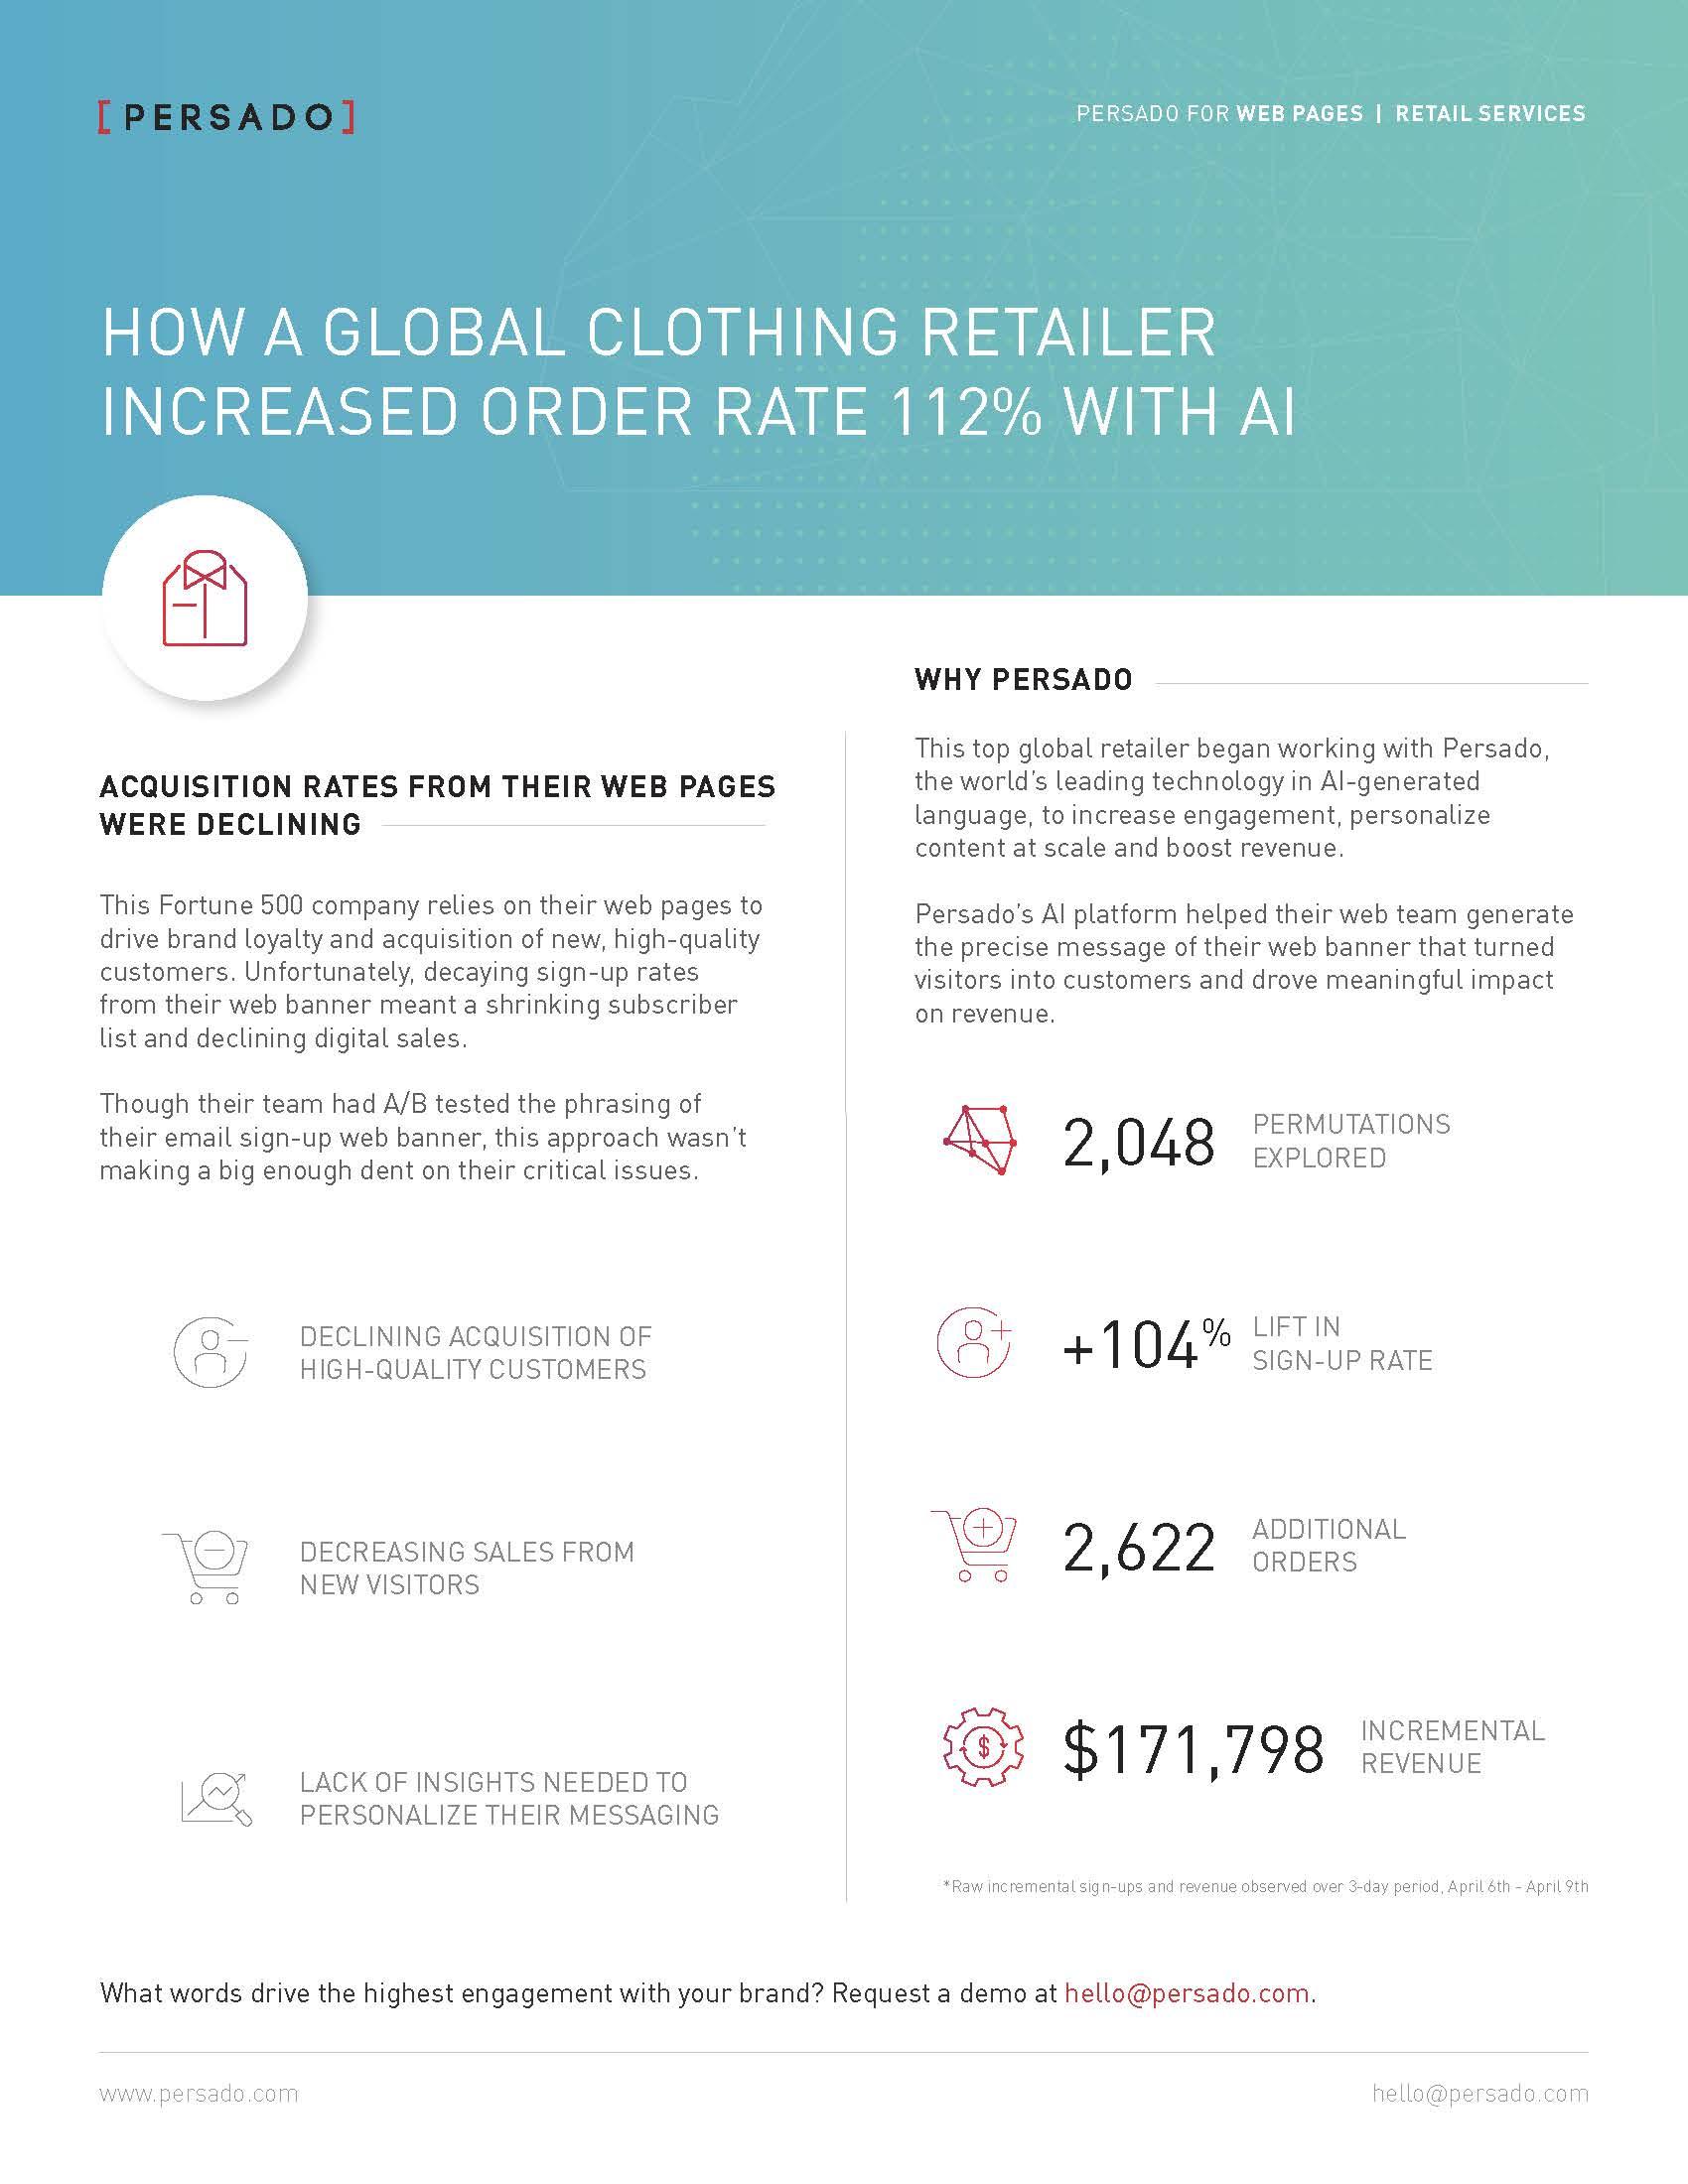 Global retailer cs